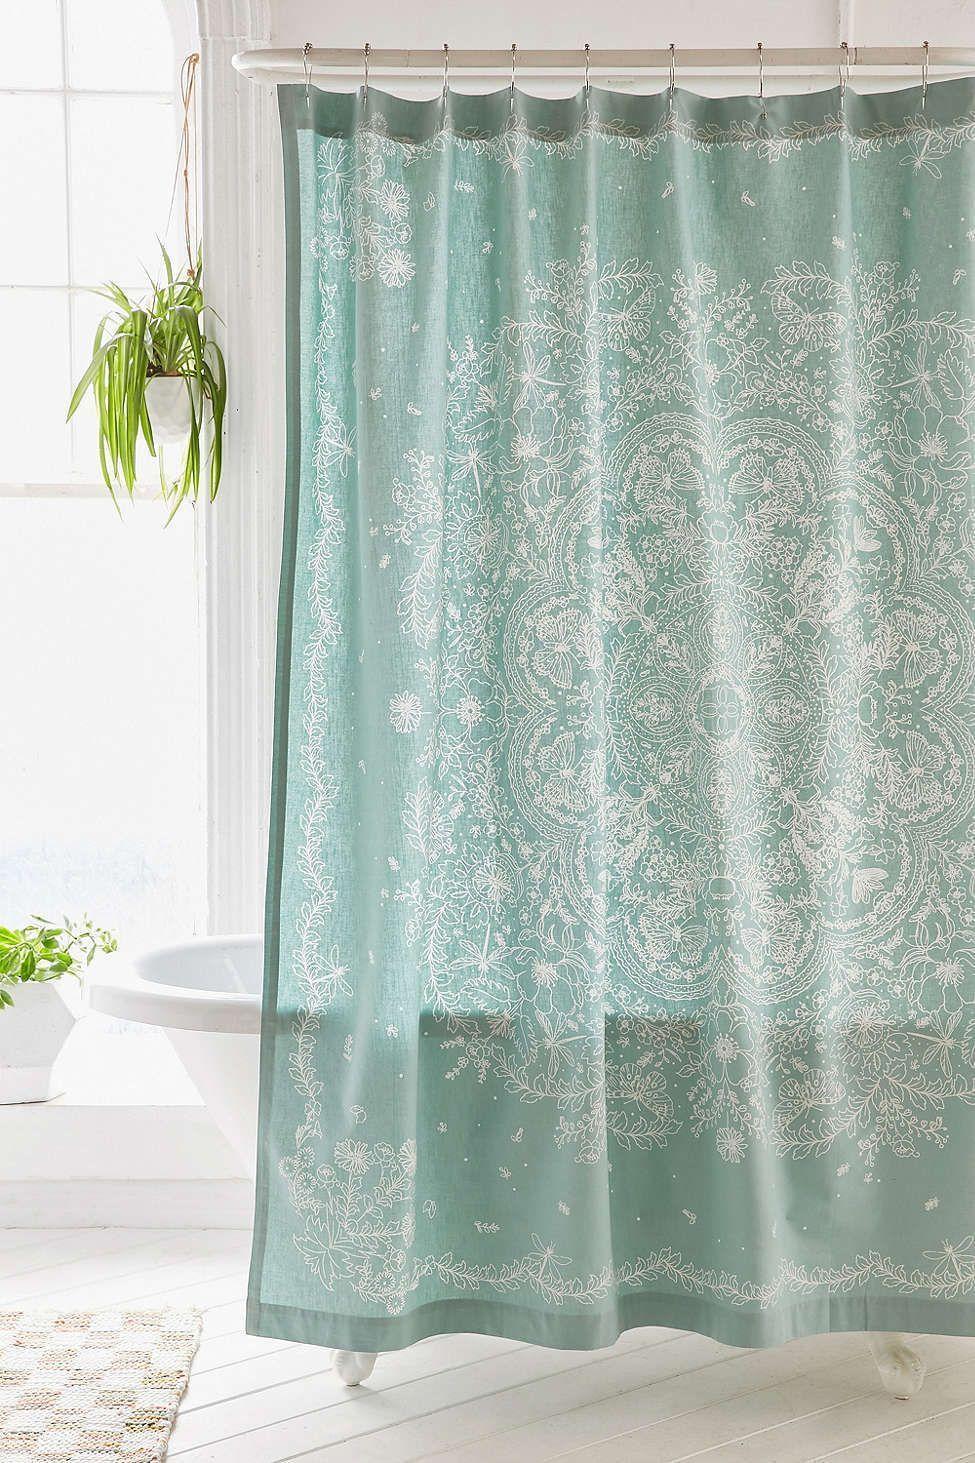 Cece Lace Shower Curtain Lace Shower Curtains Coral Shower Curtains Bathroom Shower Curtains